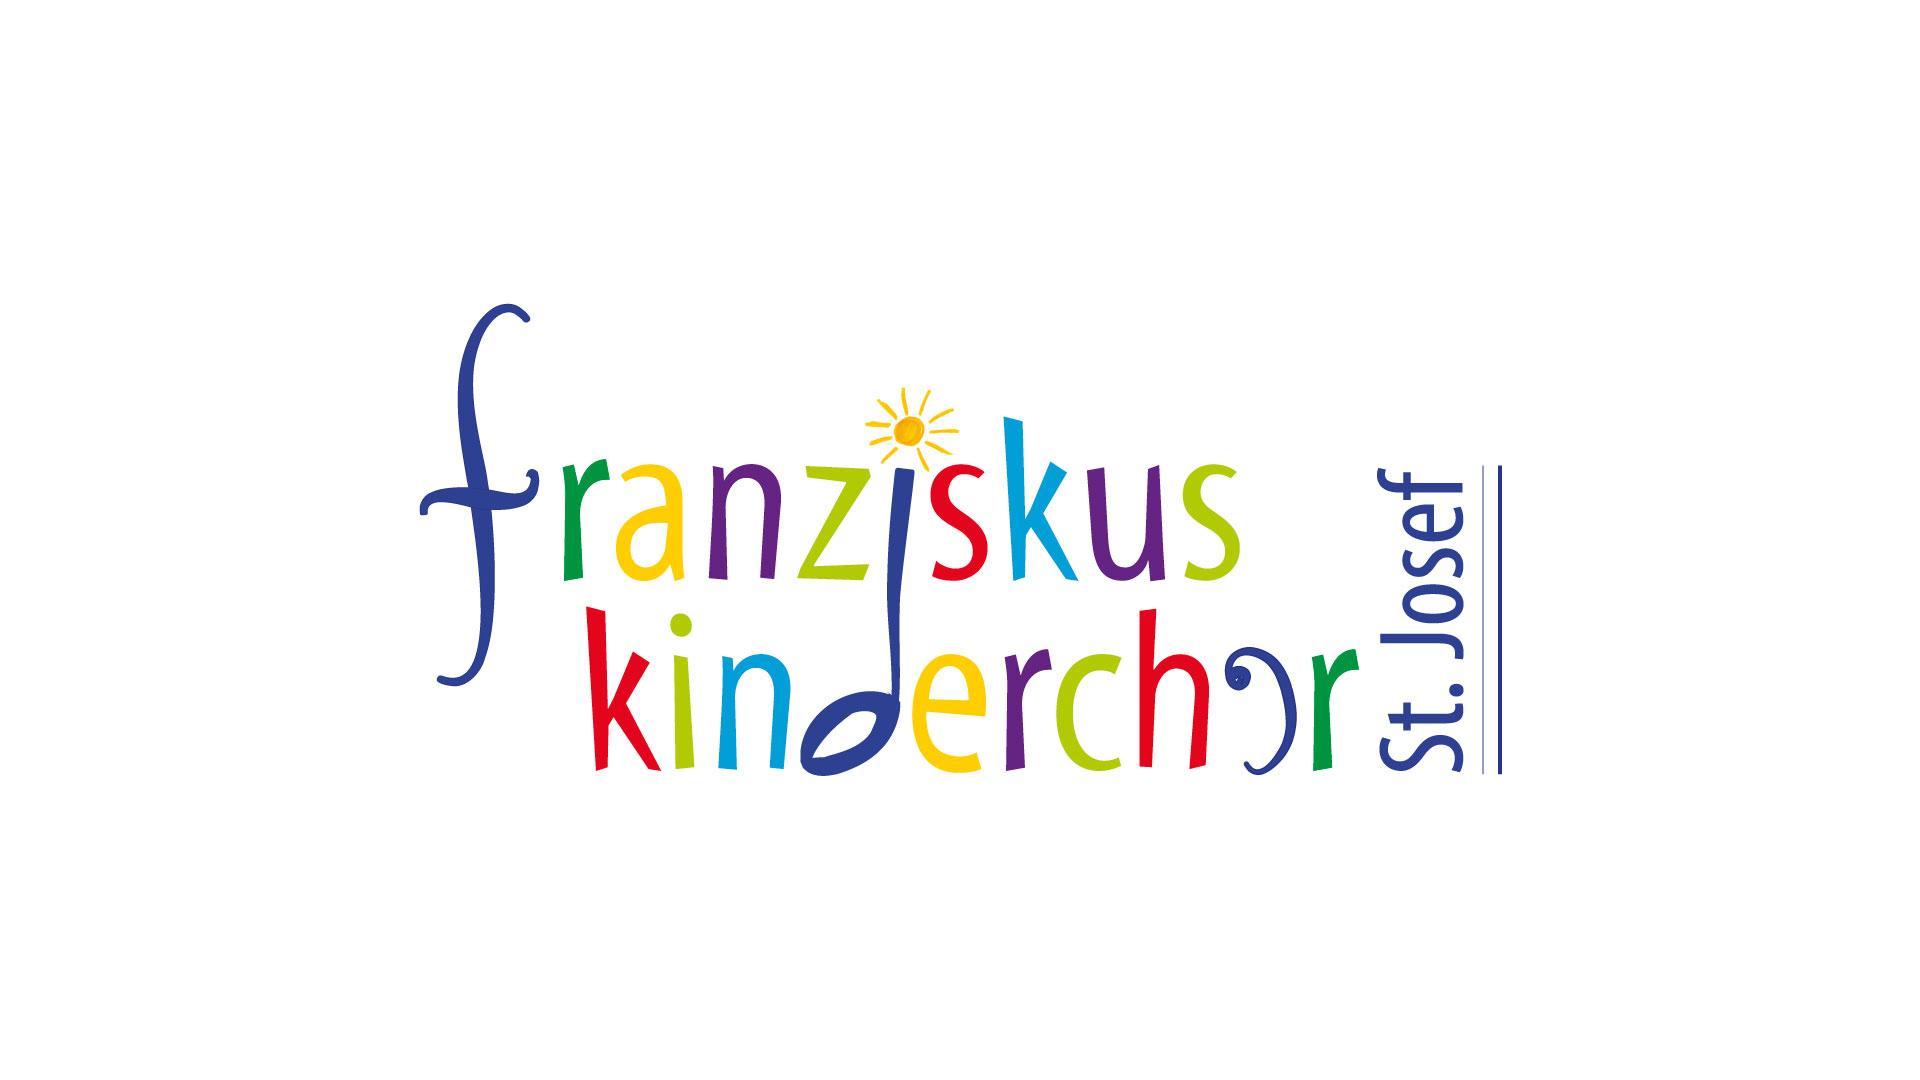 logo des franziskus kinderchors st. josef grevenbroich